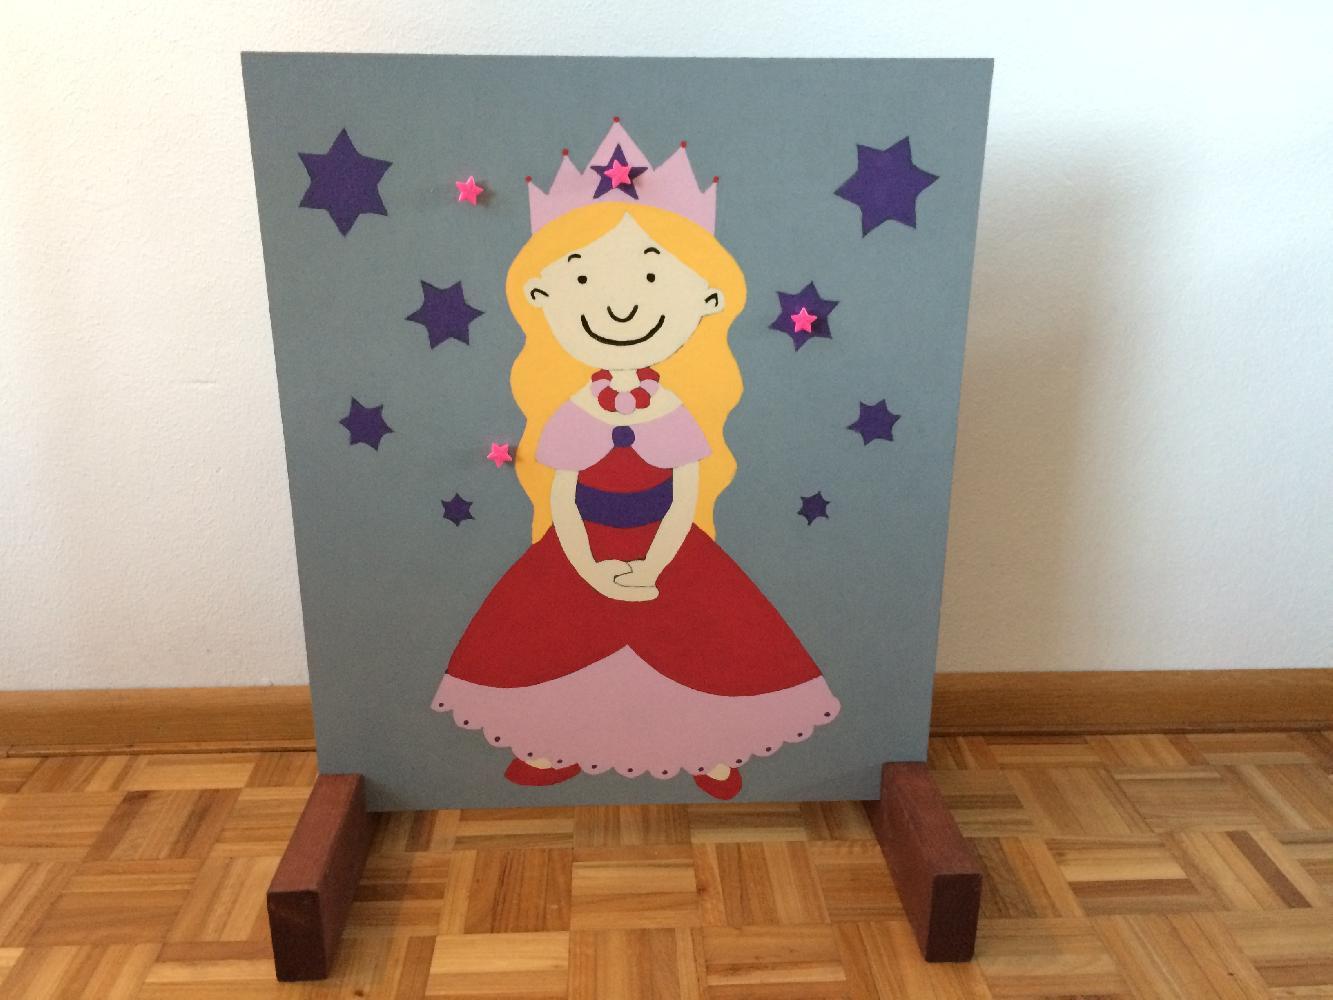 Prinsessen Spellen Huren Hoera Kinderfeestje Limburg